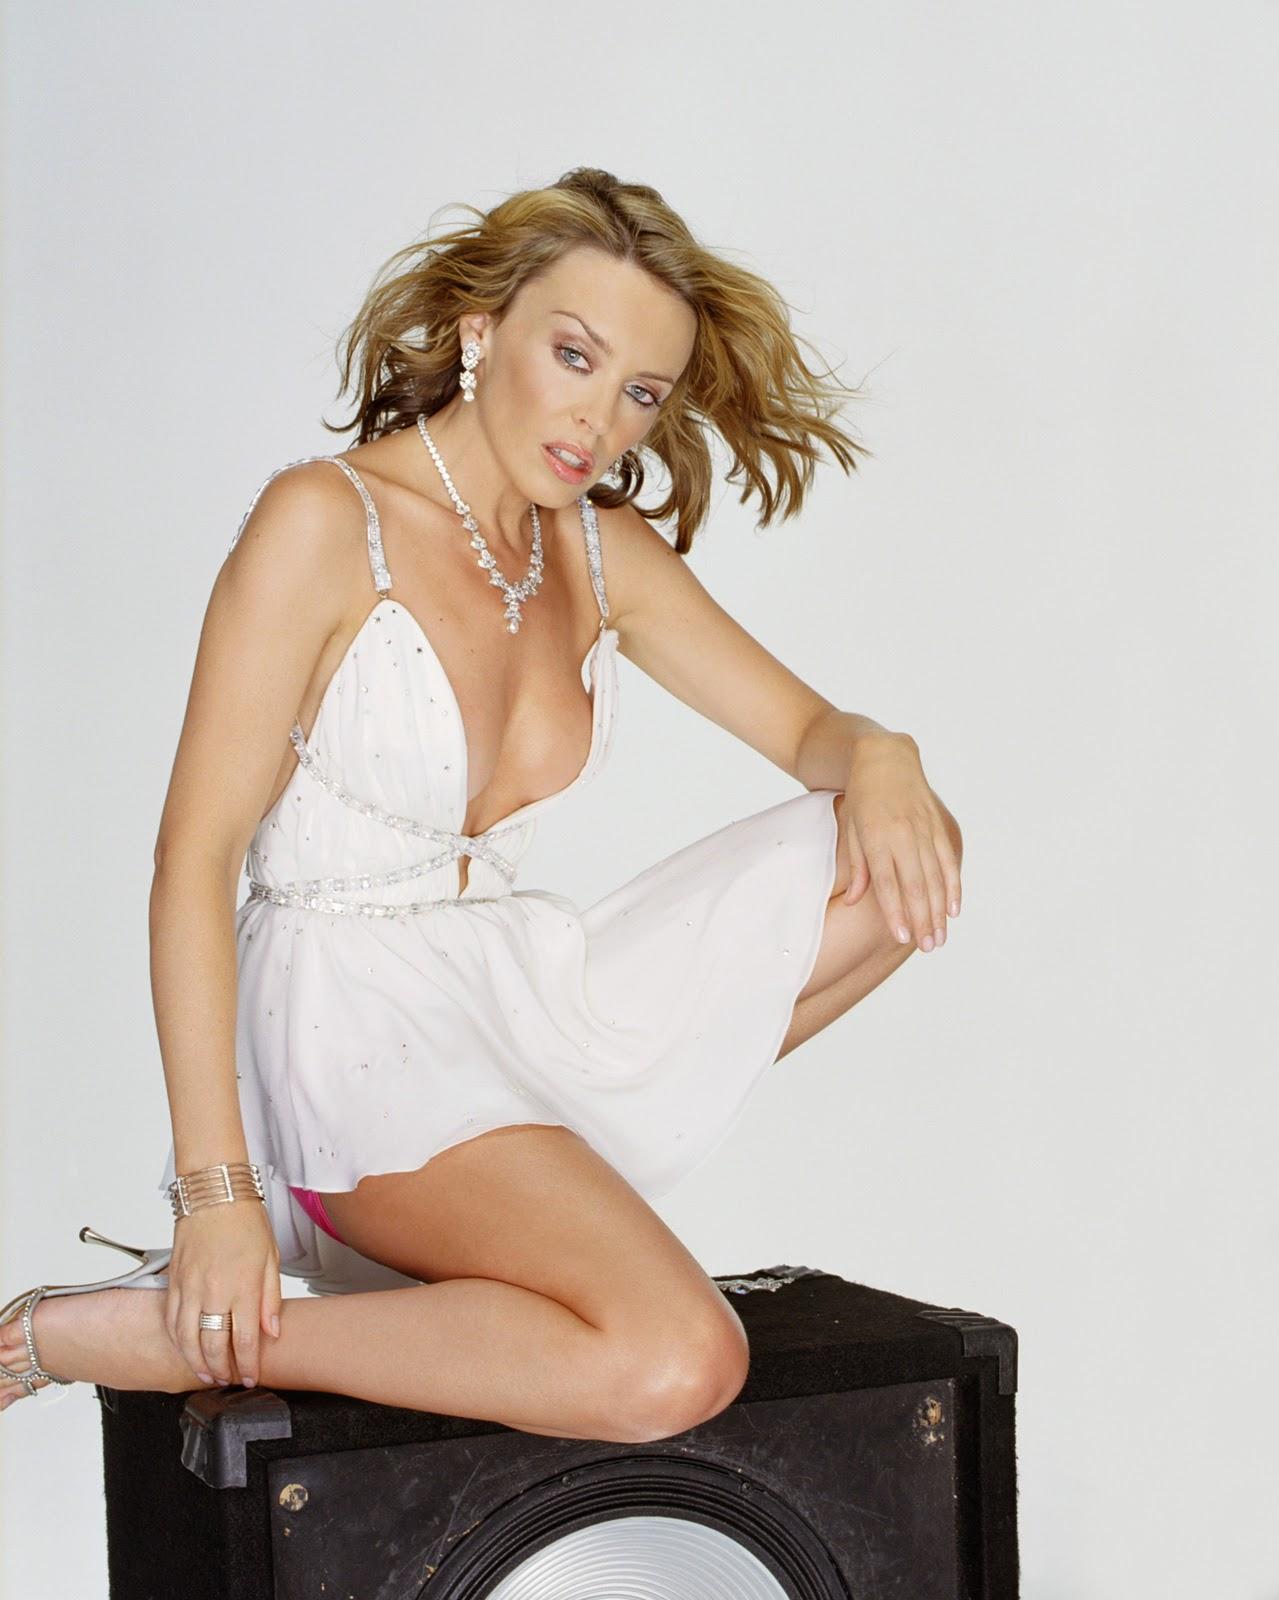 Kylie Minogue  Wikipedia